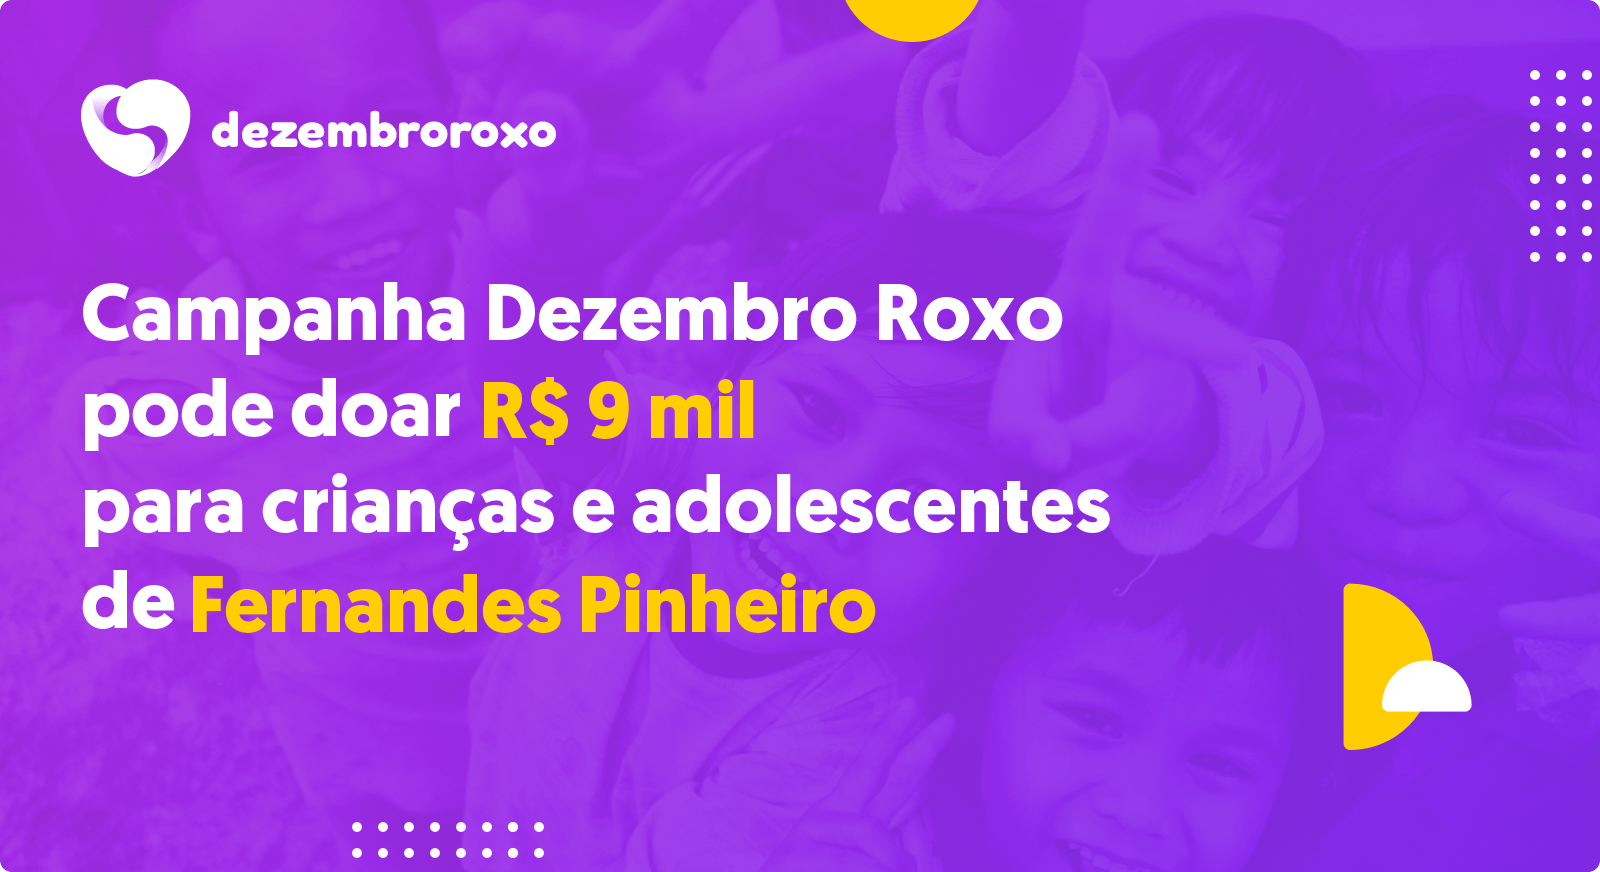 Doações em Fernandes Pinheiro - PR